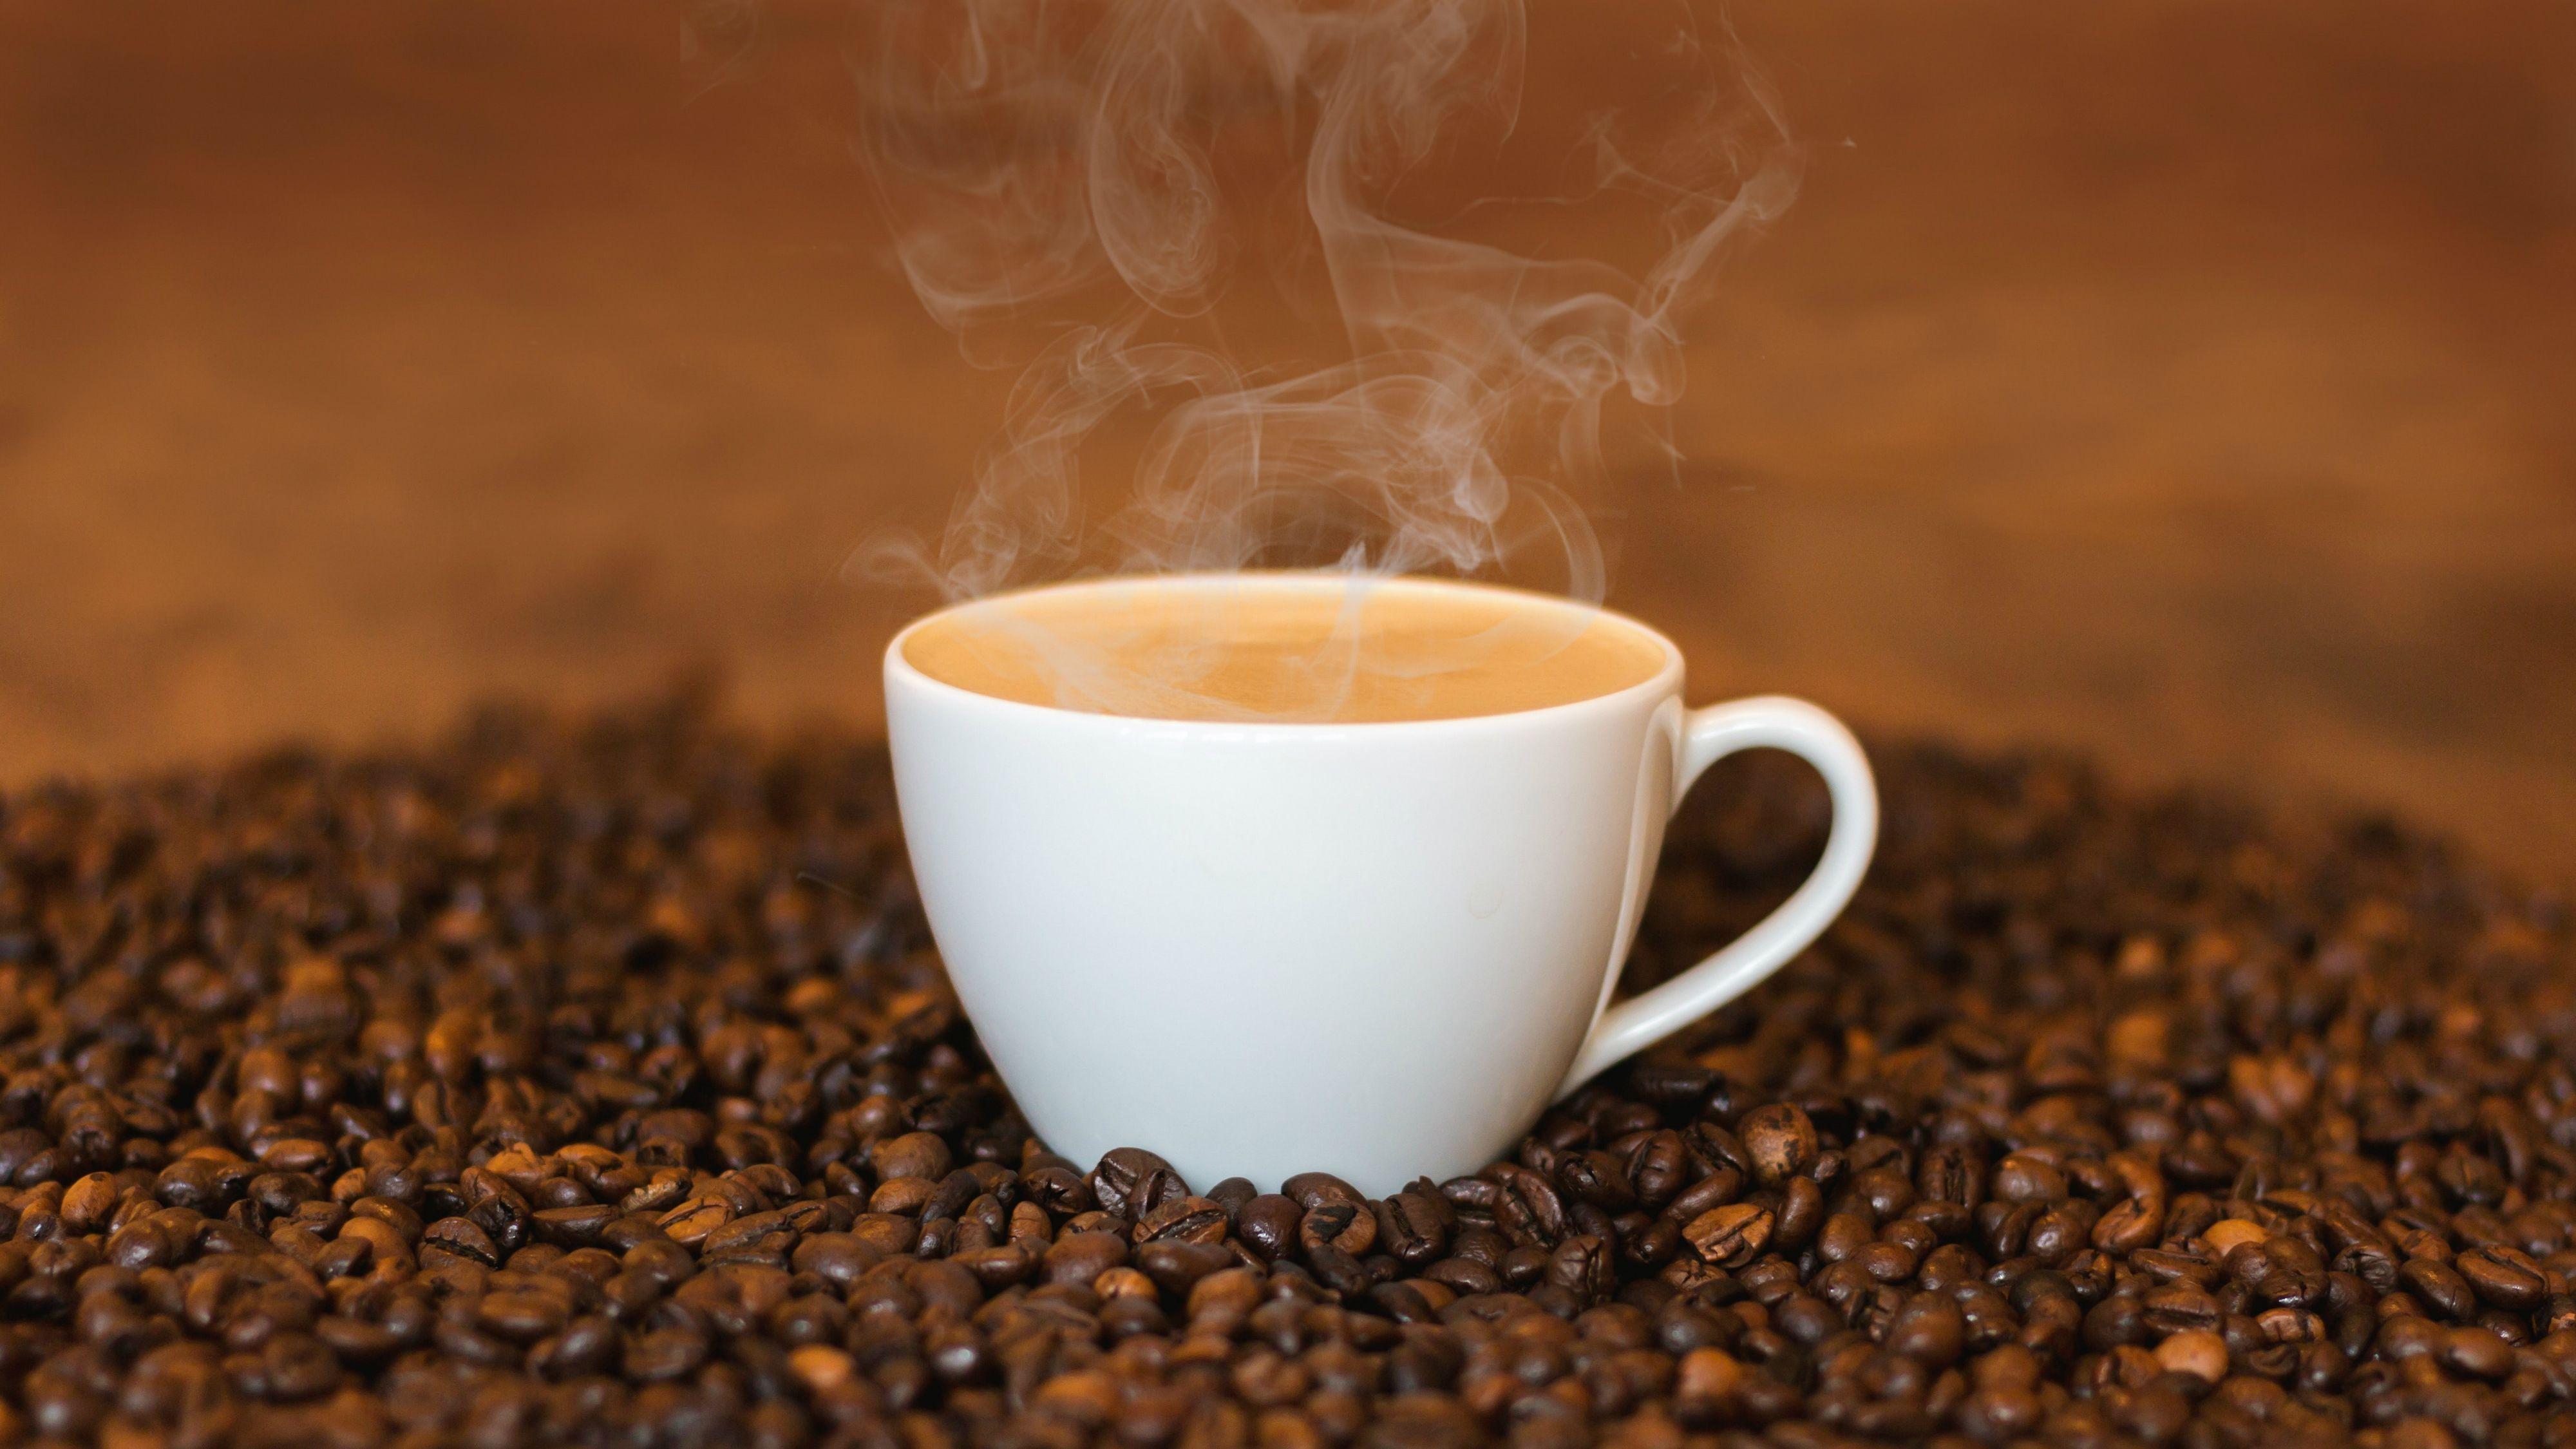 kaffe latte maskine uden kapsler